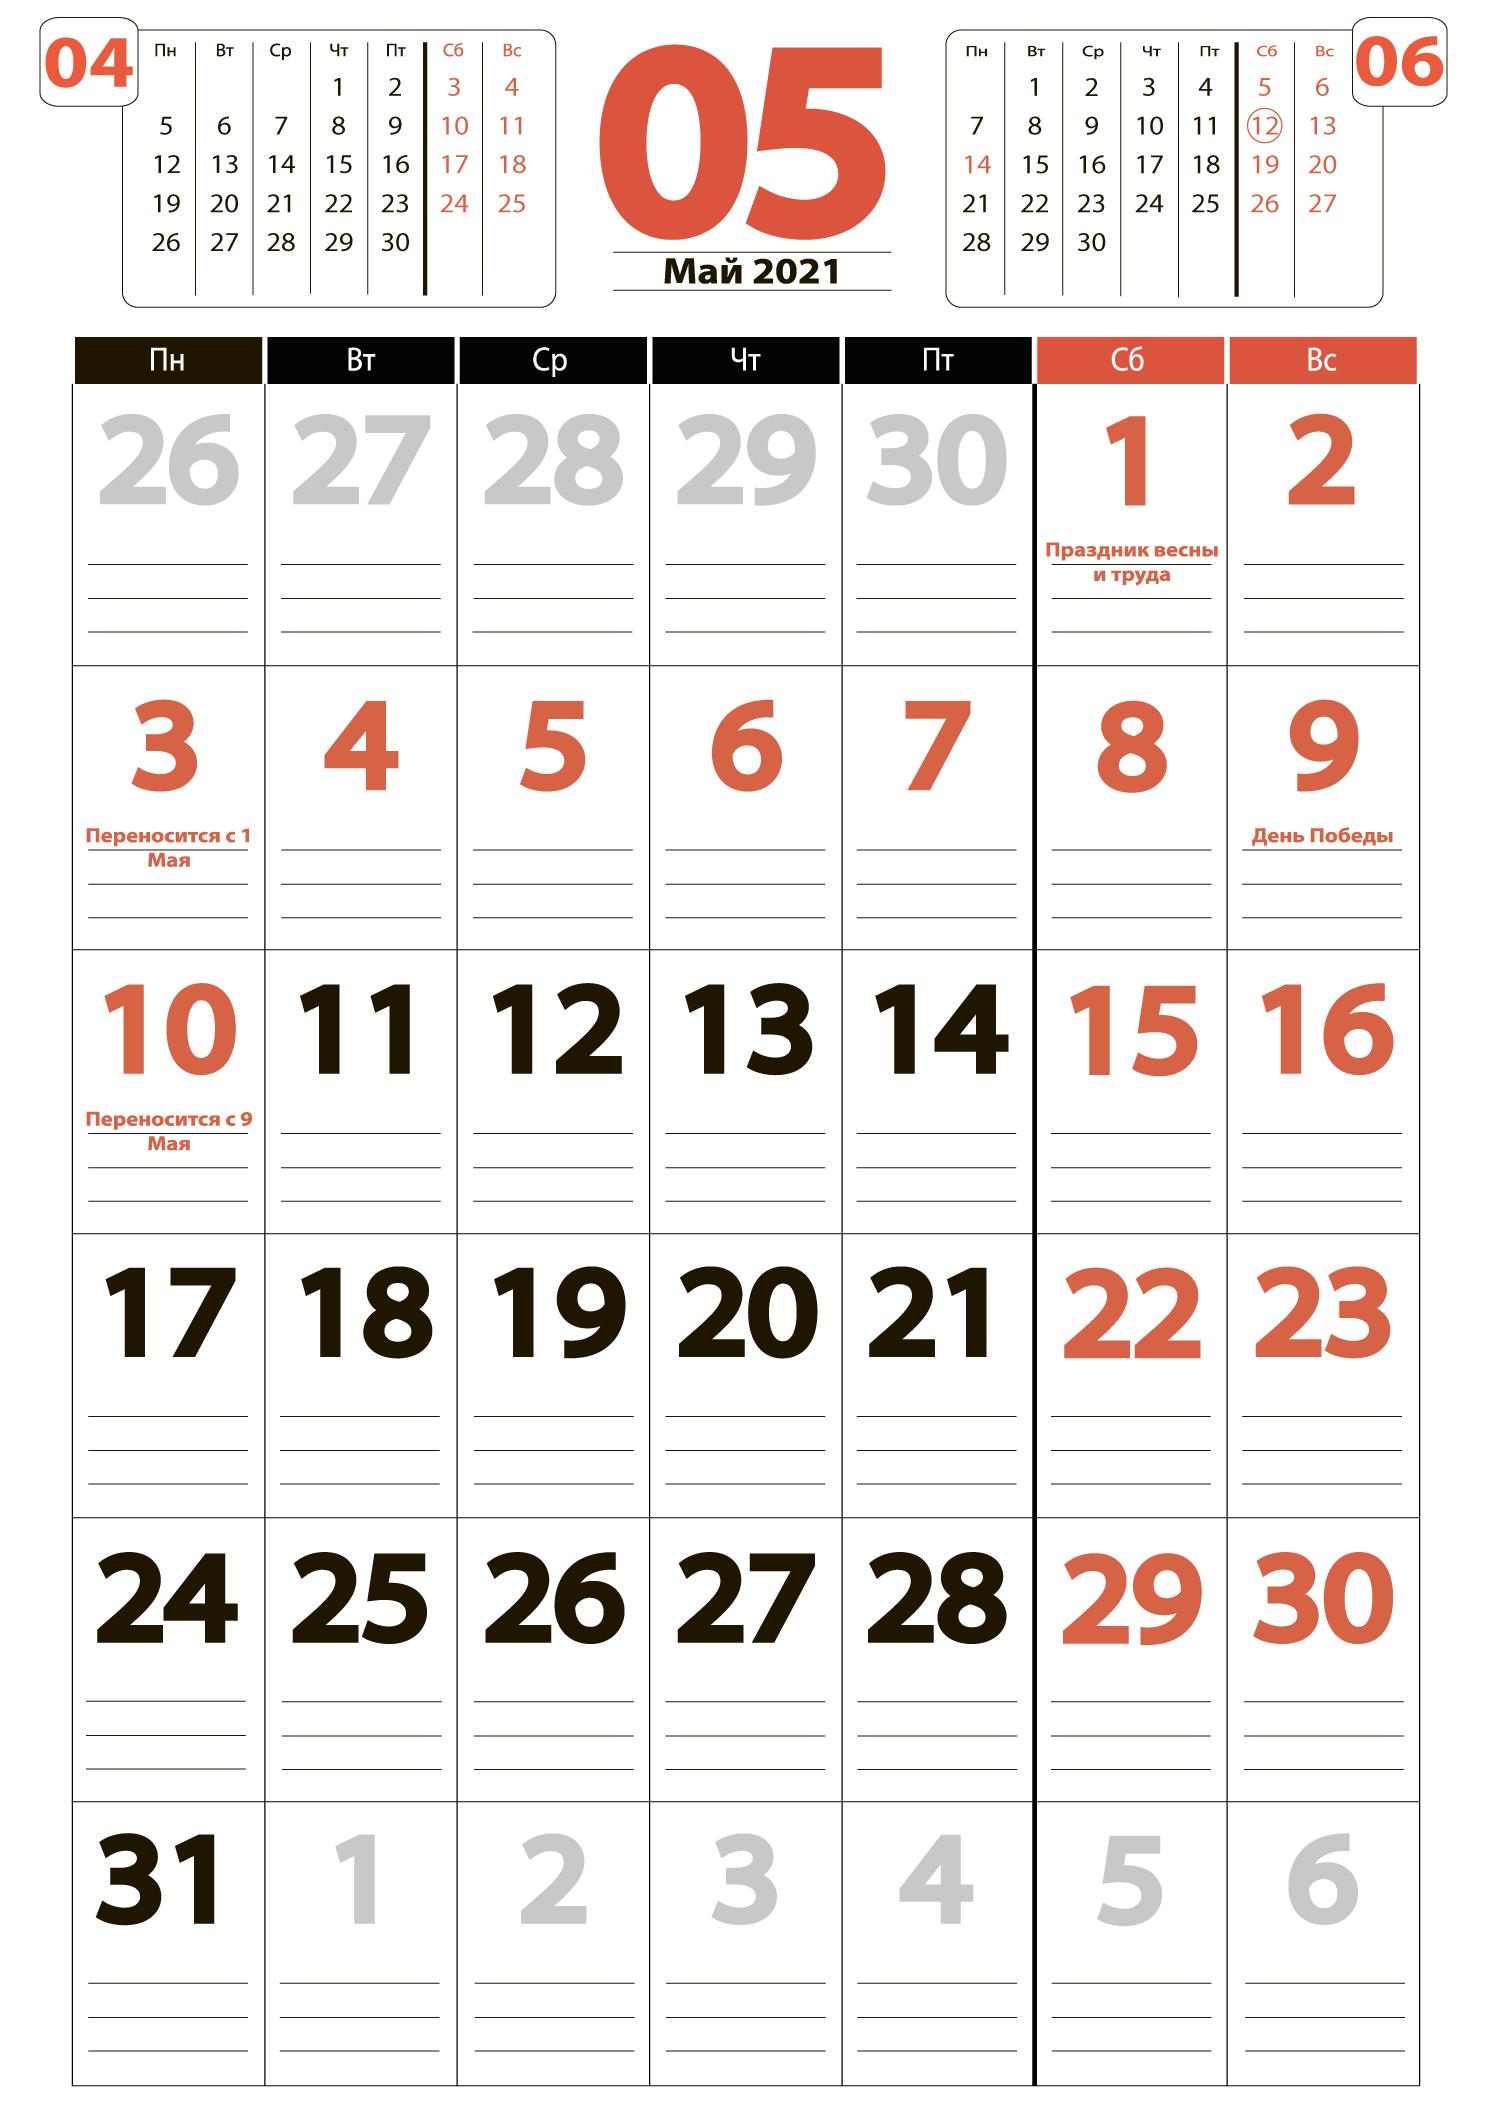 Печать крупного календаря на май 2021